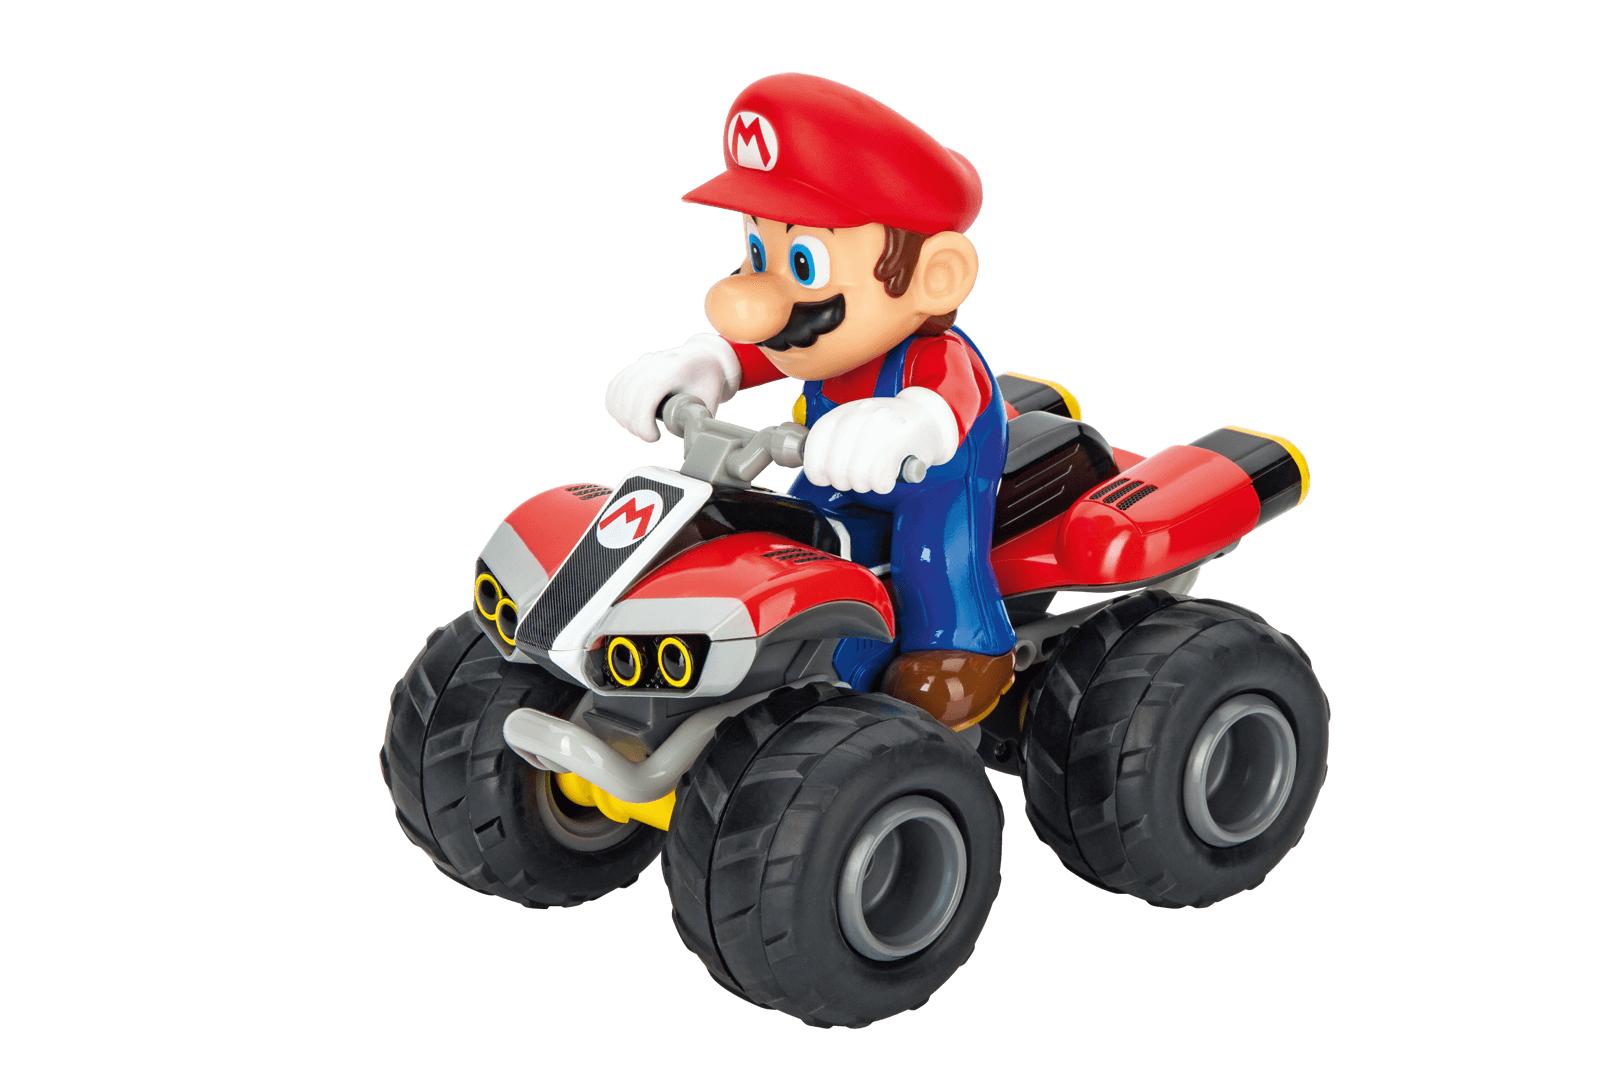 Carrera Mario Kart - Mario, Yoshi, Mario Scooter